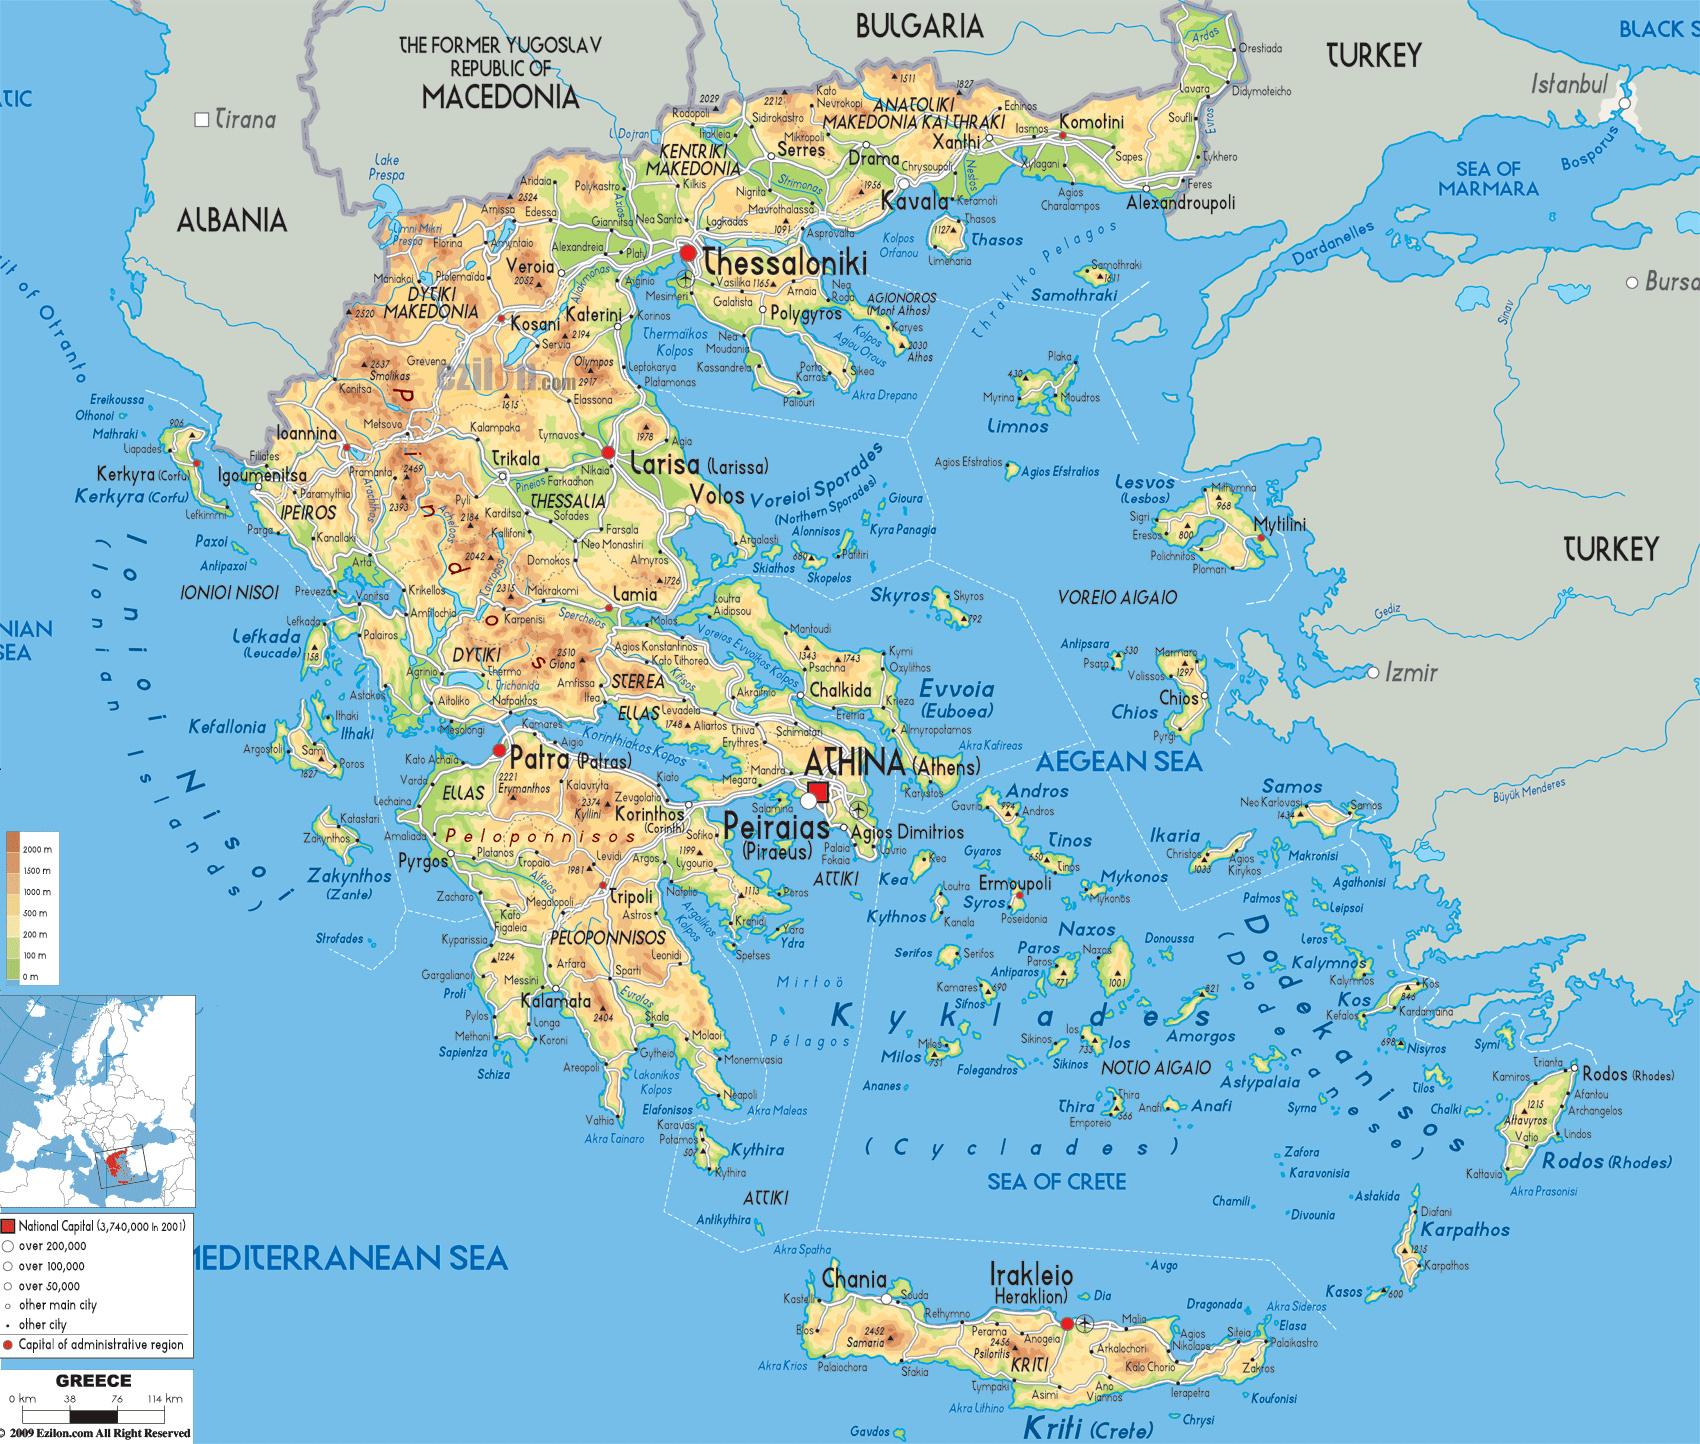 Карта Греции на русском языке с островами и курортами: http://mapeurope.ru/karta-grecii-na-russkom-yazyke